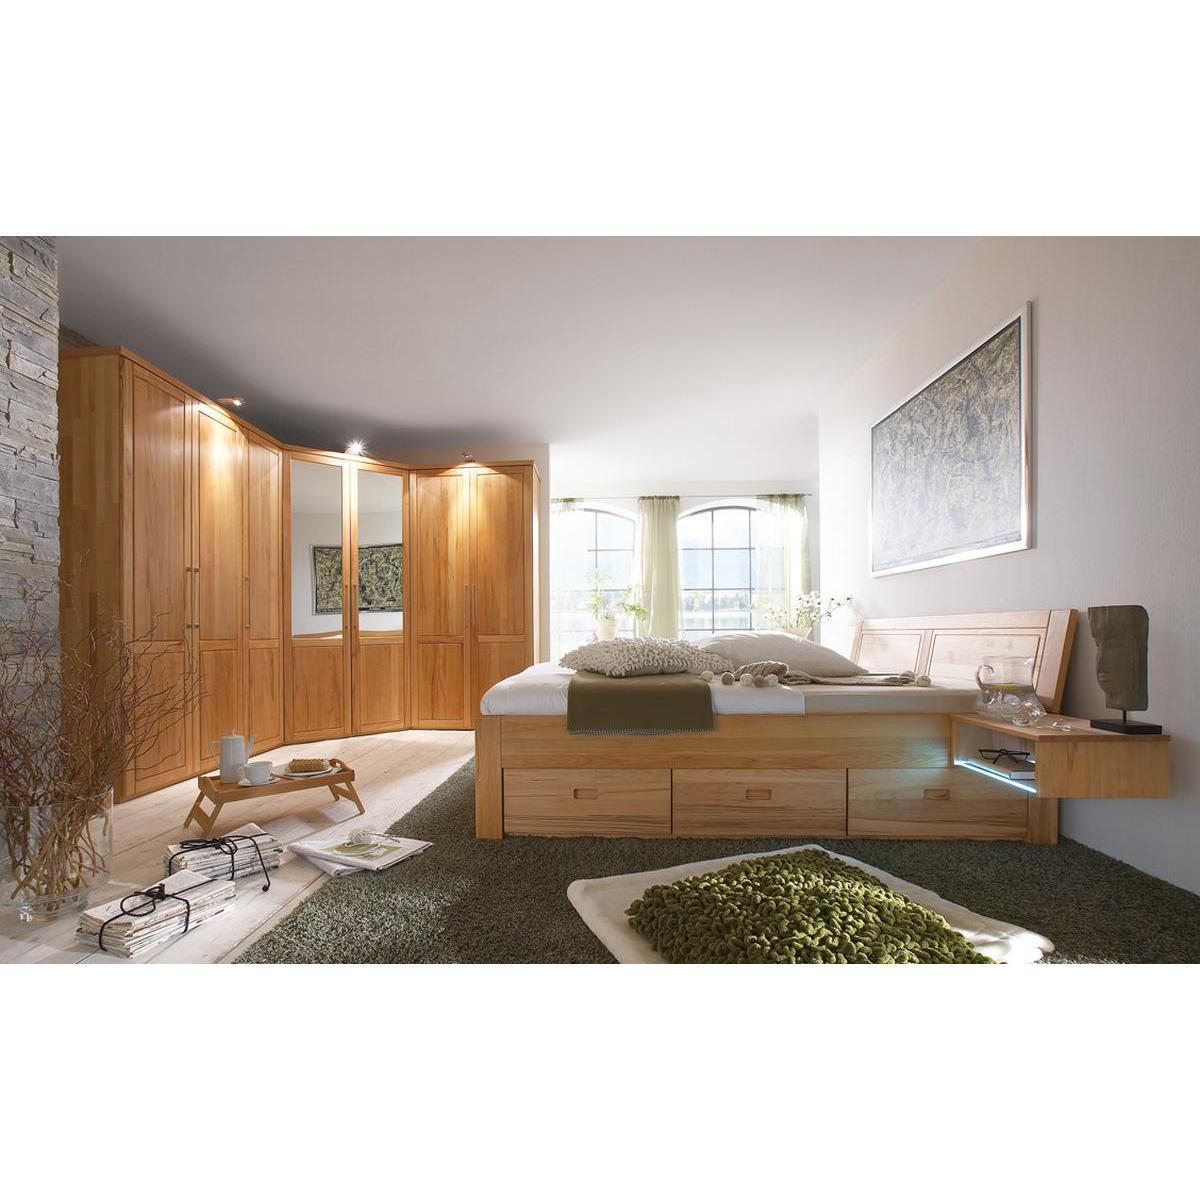 schlafzimmer 4 teilig palermo - Schlafzimmer Mit Eckschrank